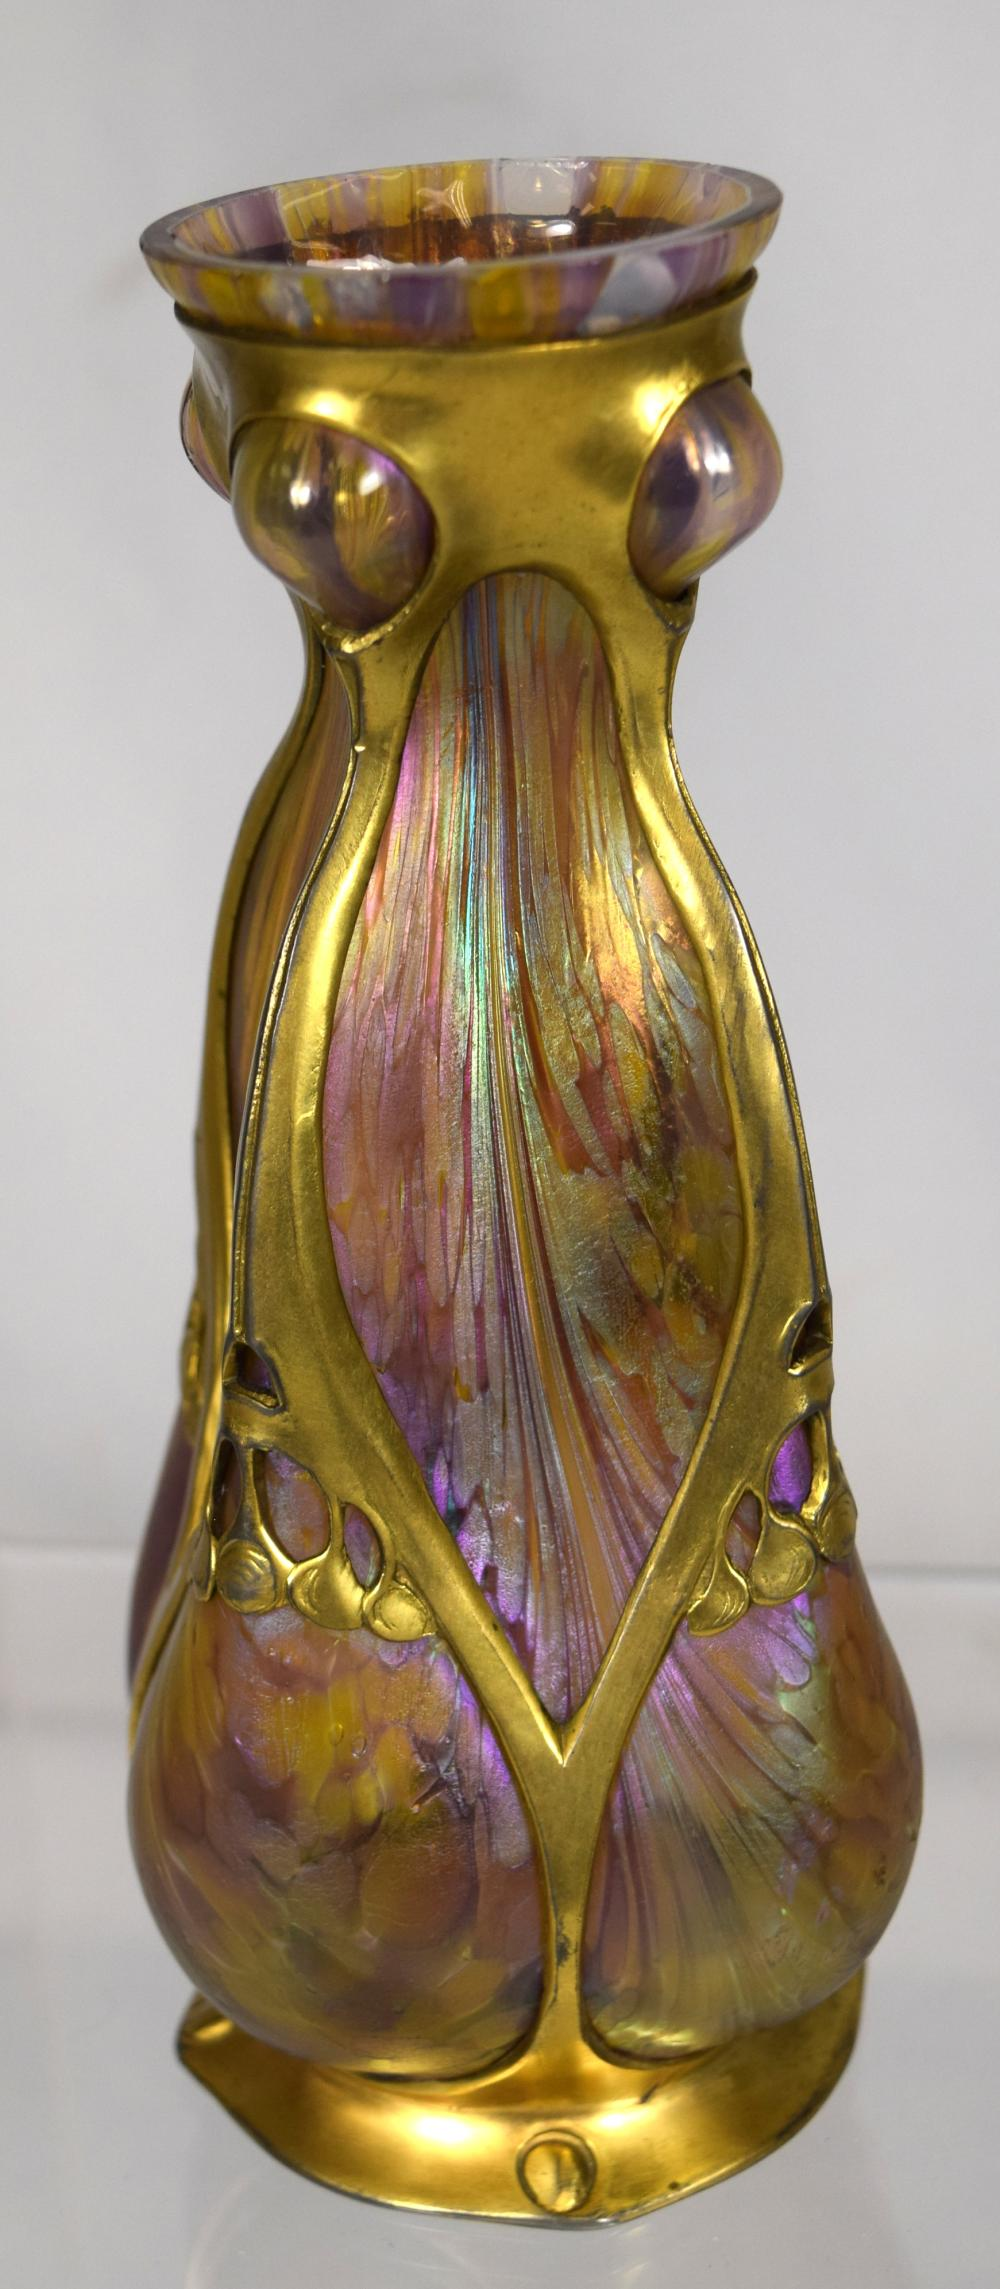 ART NOUVEAU AUSTRIAN IRIDESCENT GLASS & GOLD GILT METAL OVERLAY VASE: